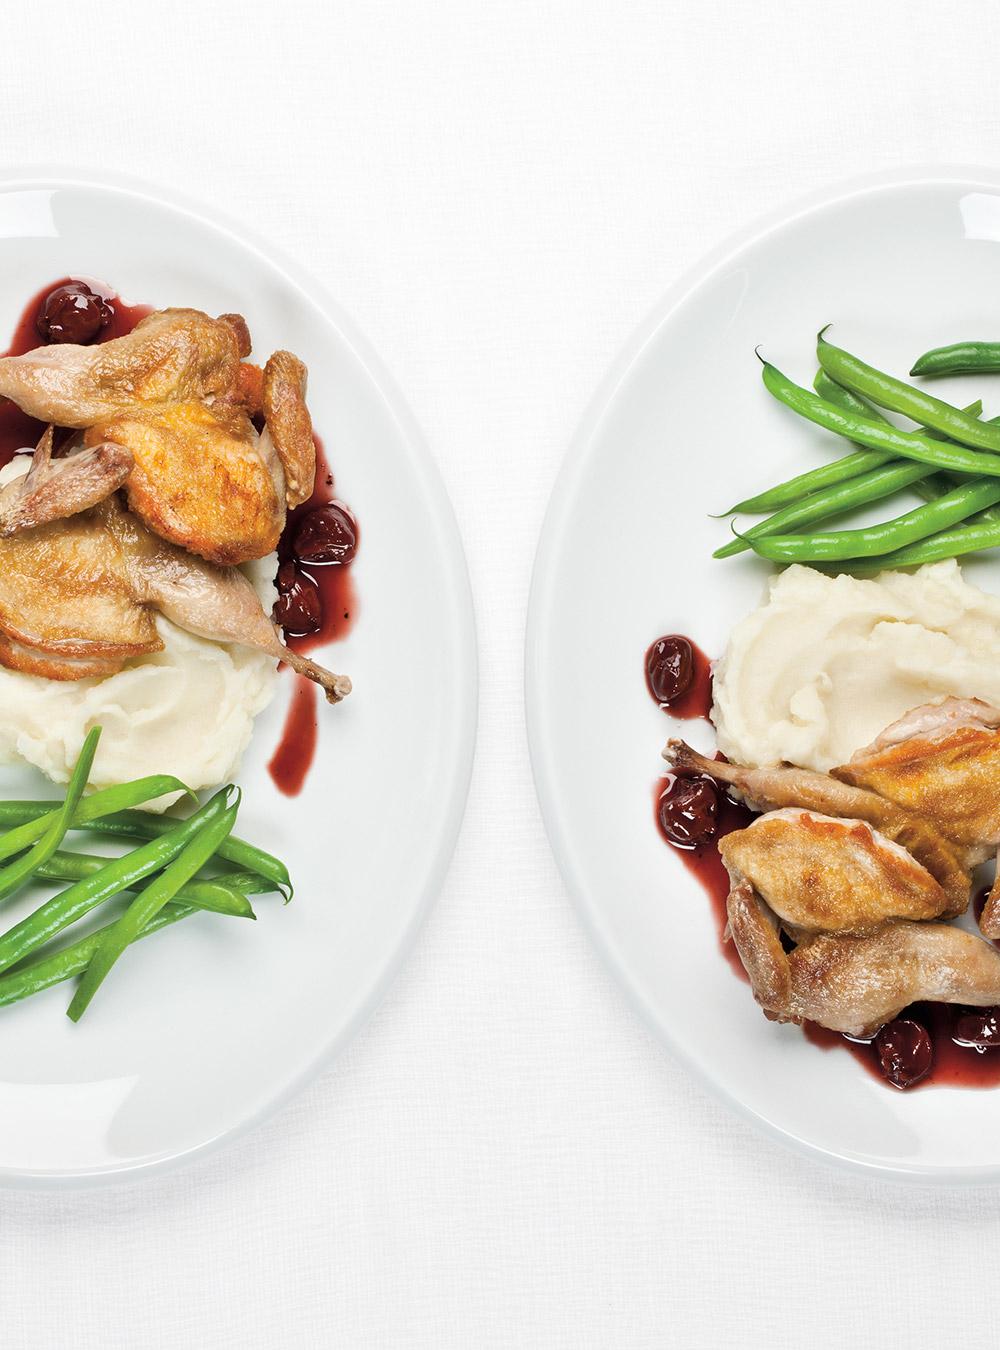 Cailles rôties, sauce aux cerises et au vin rouge | ricardo